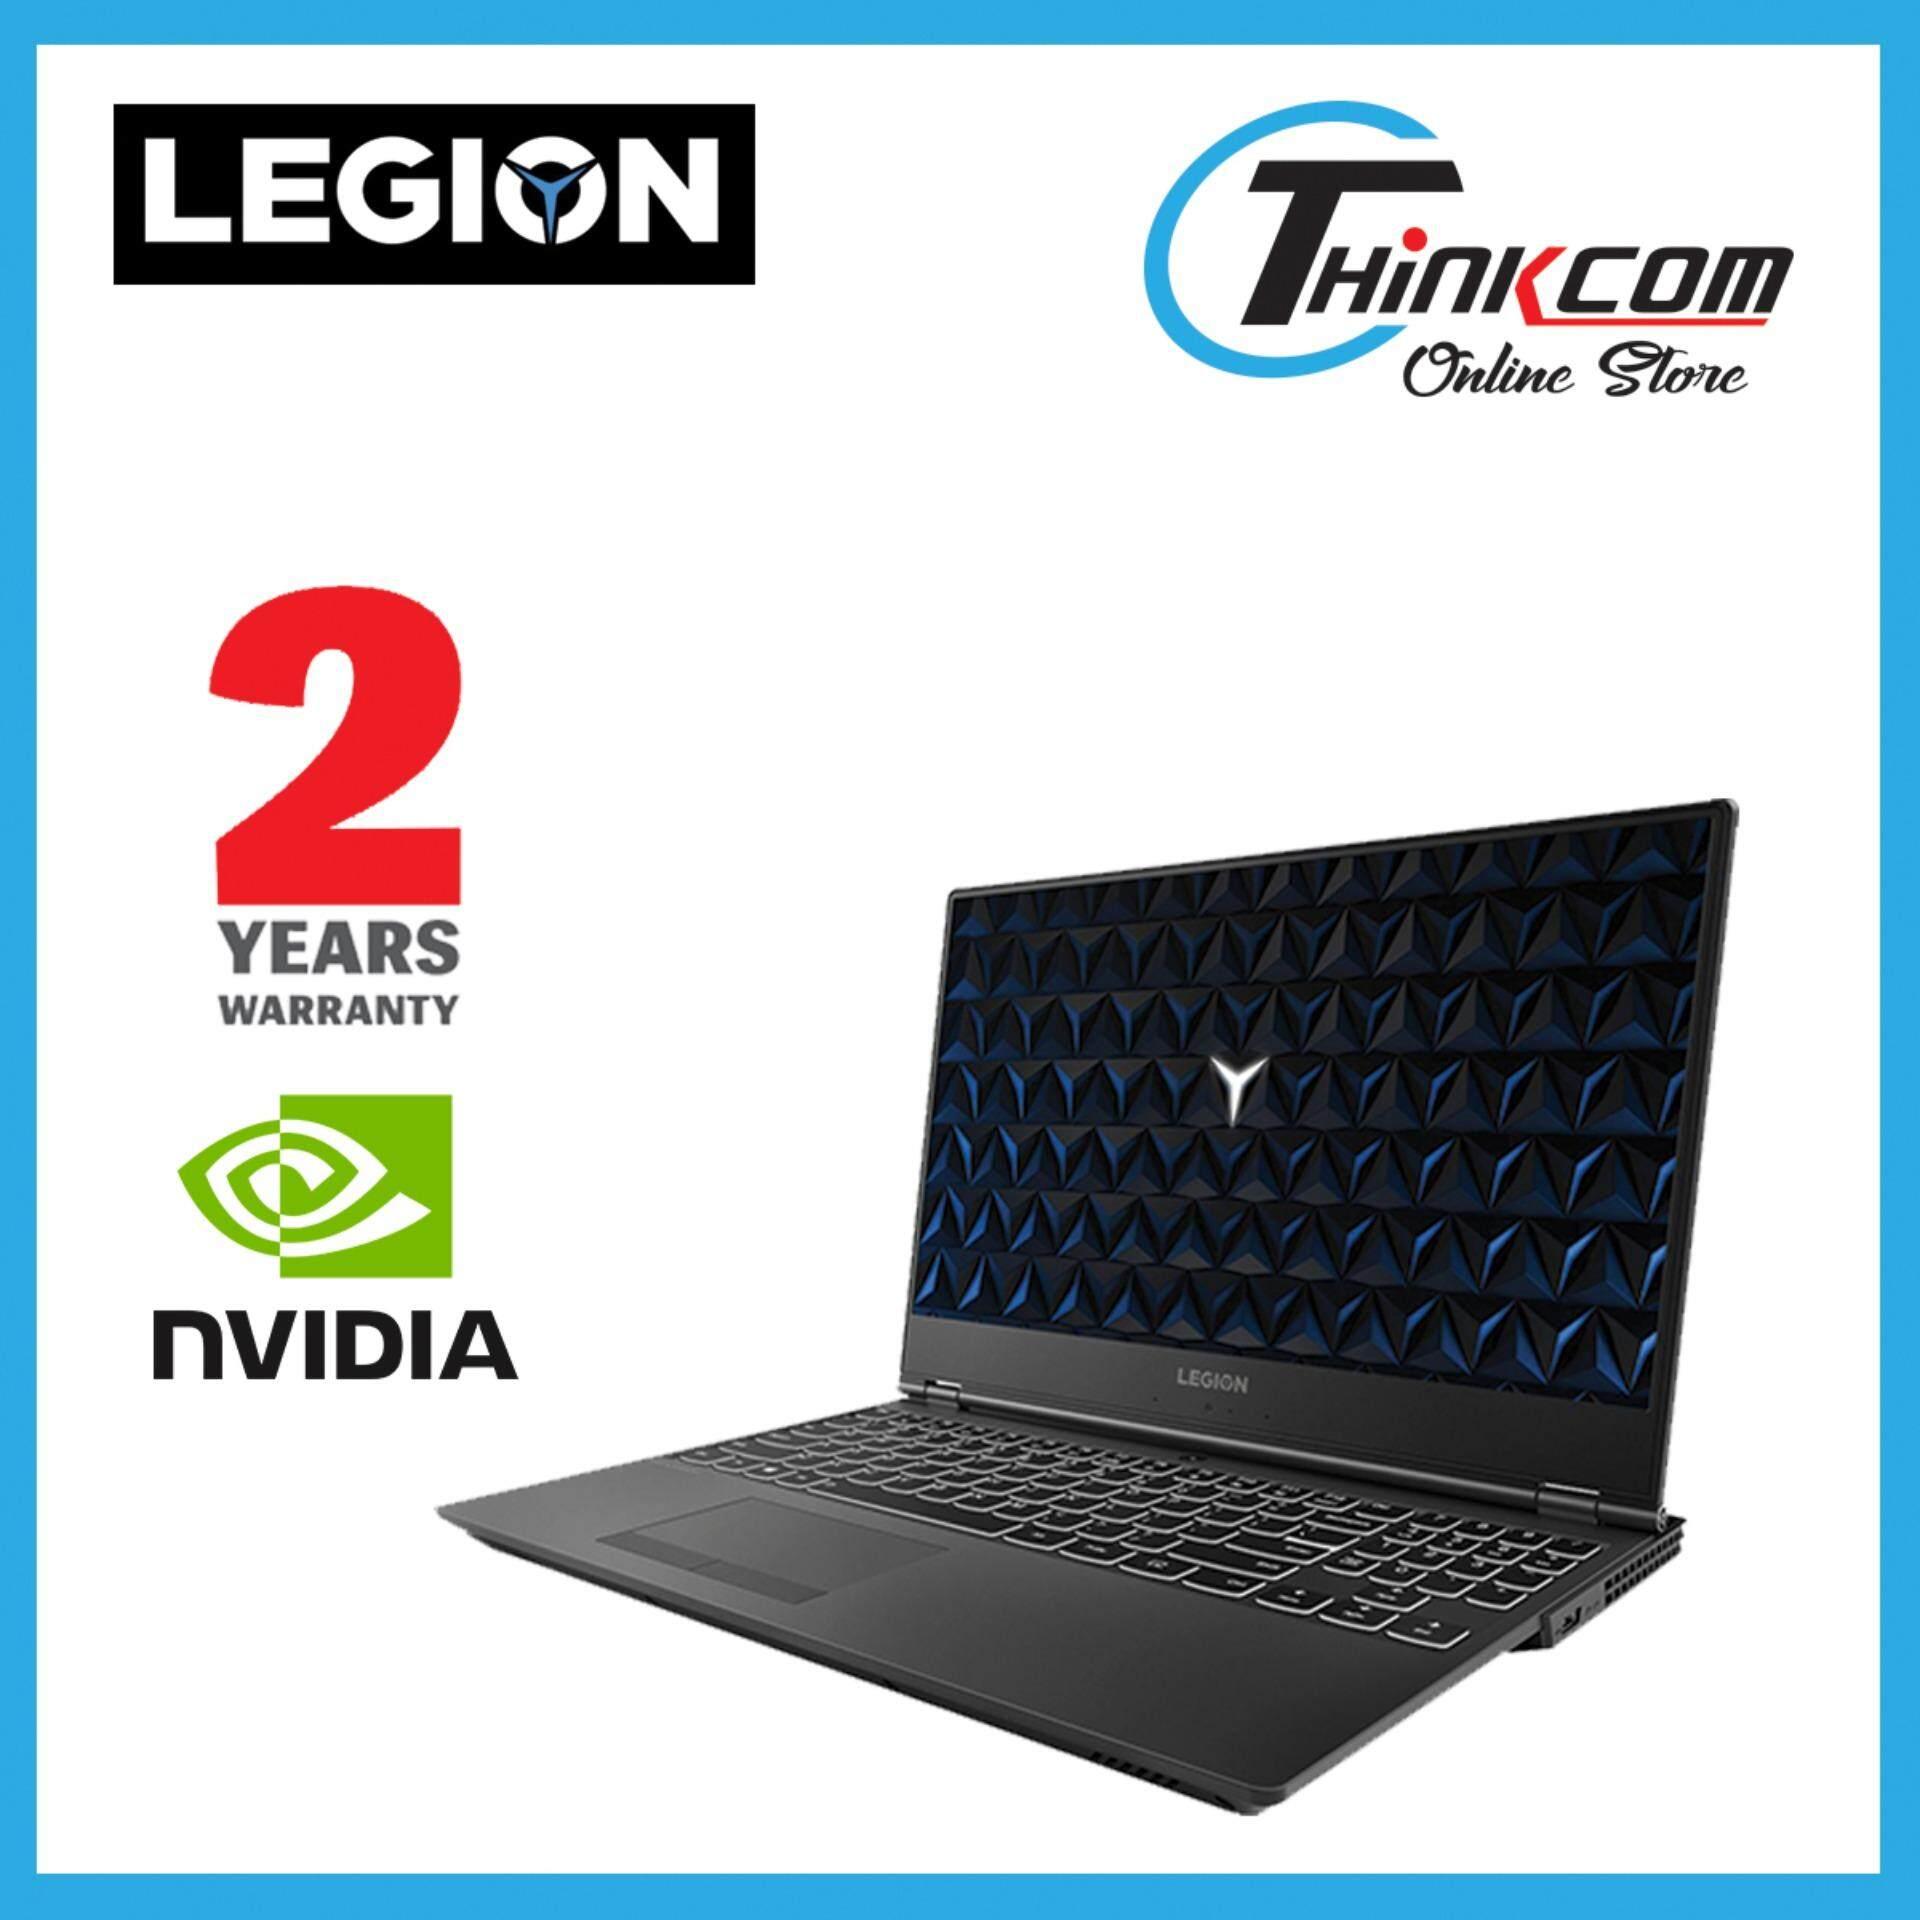 Lenovo Legion Y530-15ICH - 81LB006LMJ (i7-8750H/ 8GBD4/ 1TB+256GB SSD/  15 6